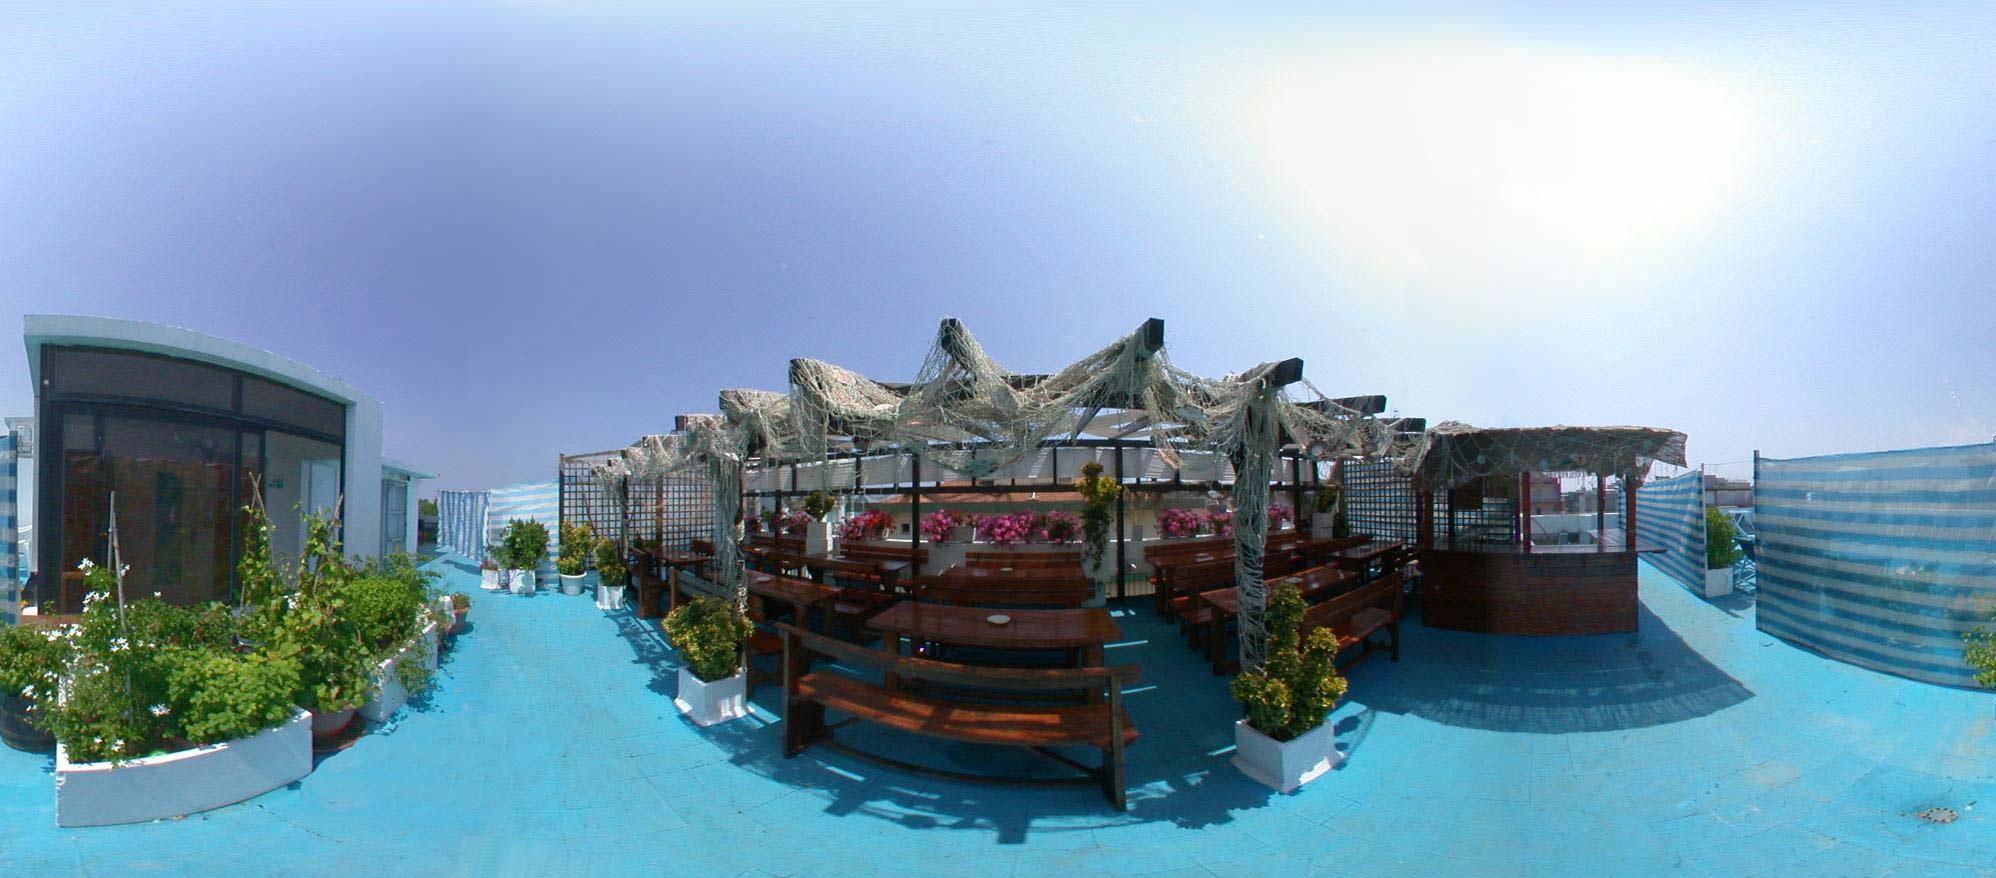 Good File:Ristorantino Dei Marinai Liverpool Hotel Rimini All